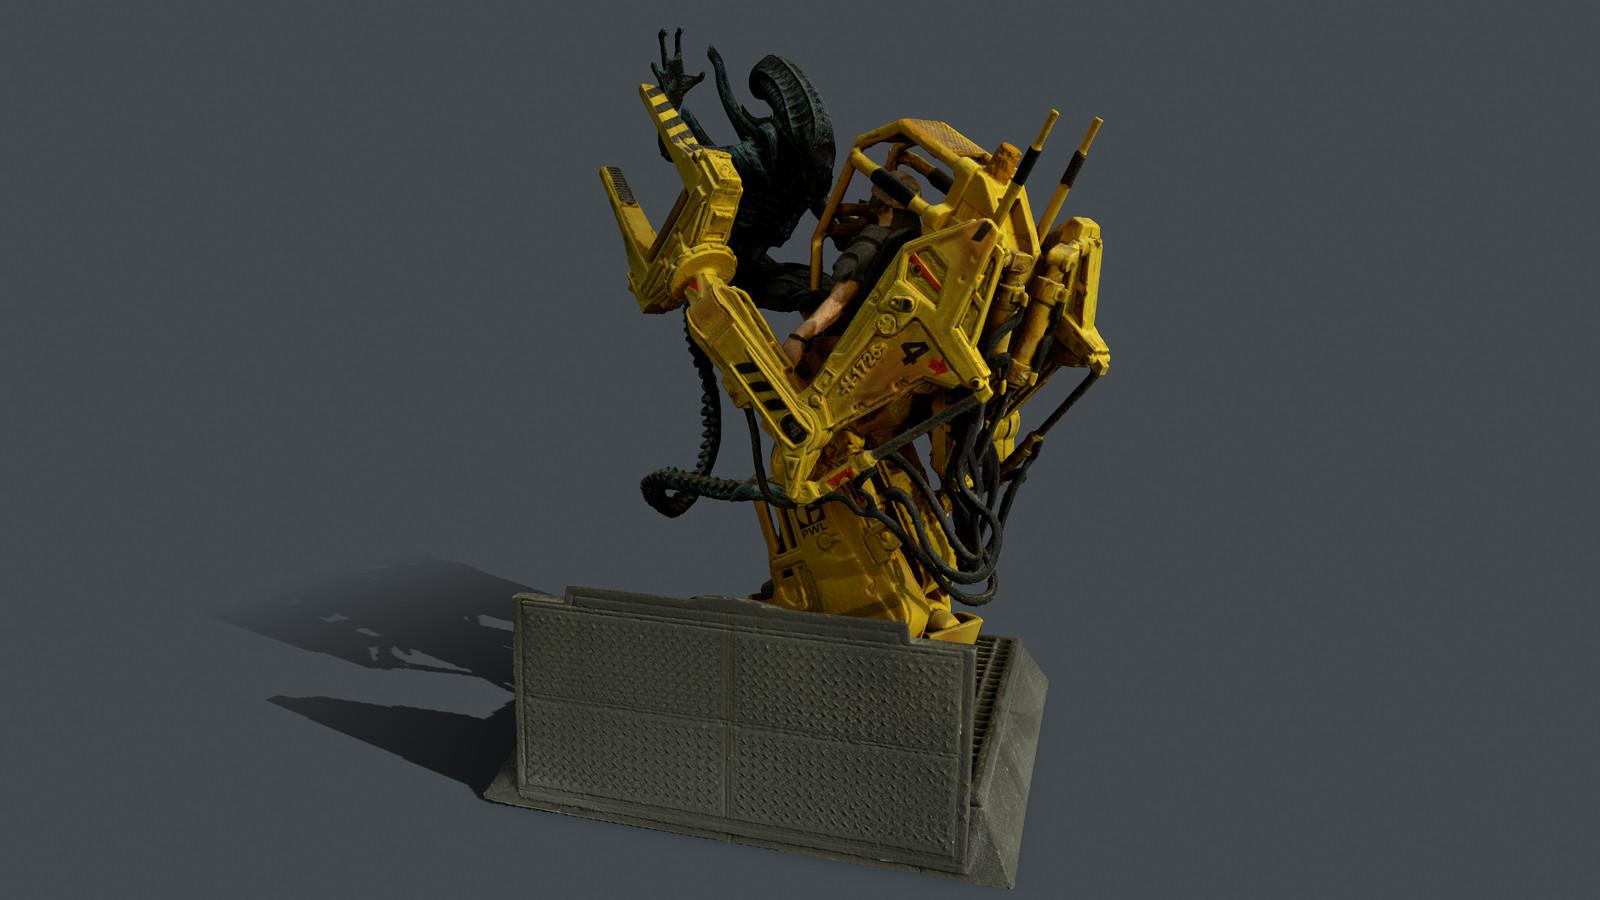 Alien Isolation Figure